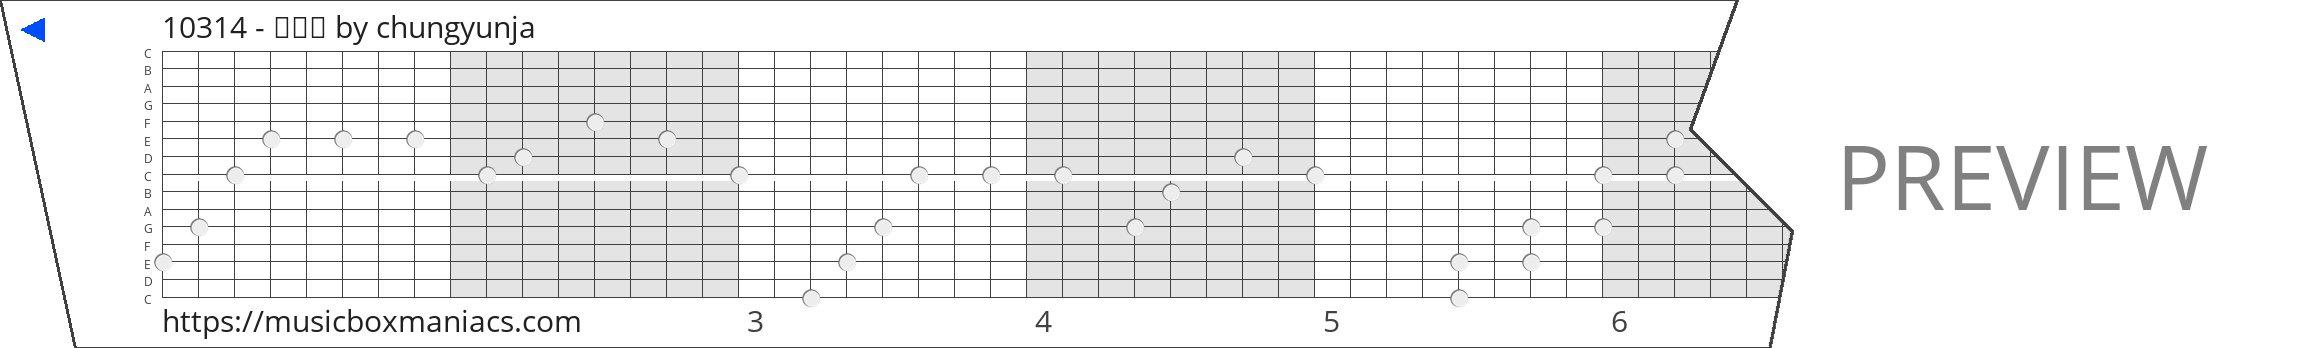 10314 - 정윤재 15 note music box paper strip